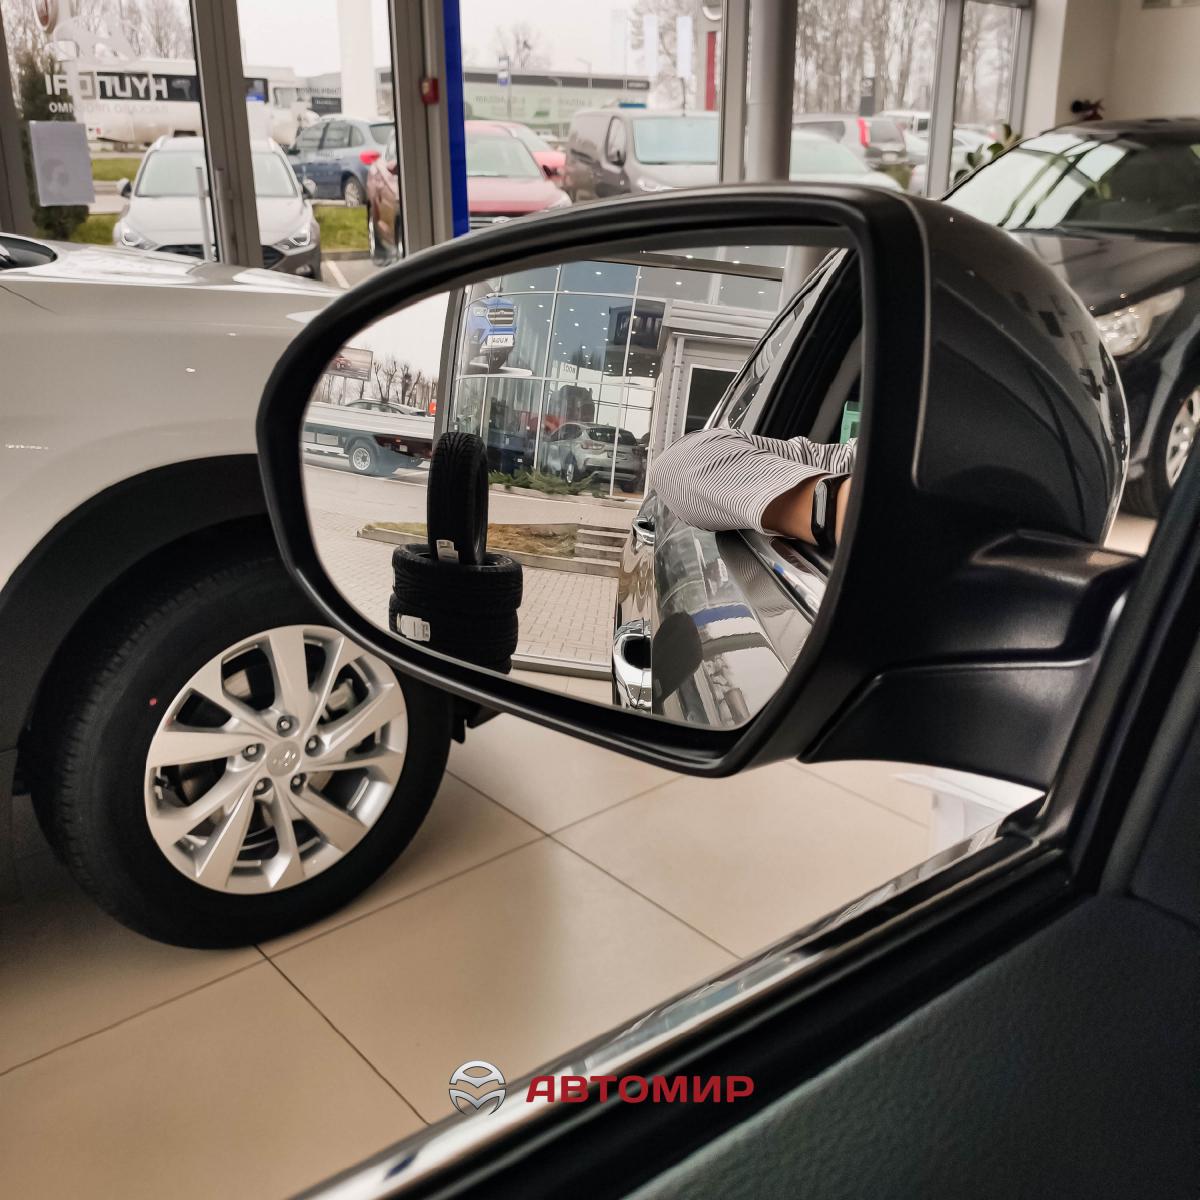 Теплі функції автомобілів Hyundai | Арія Моторс - фото 8